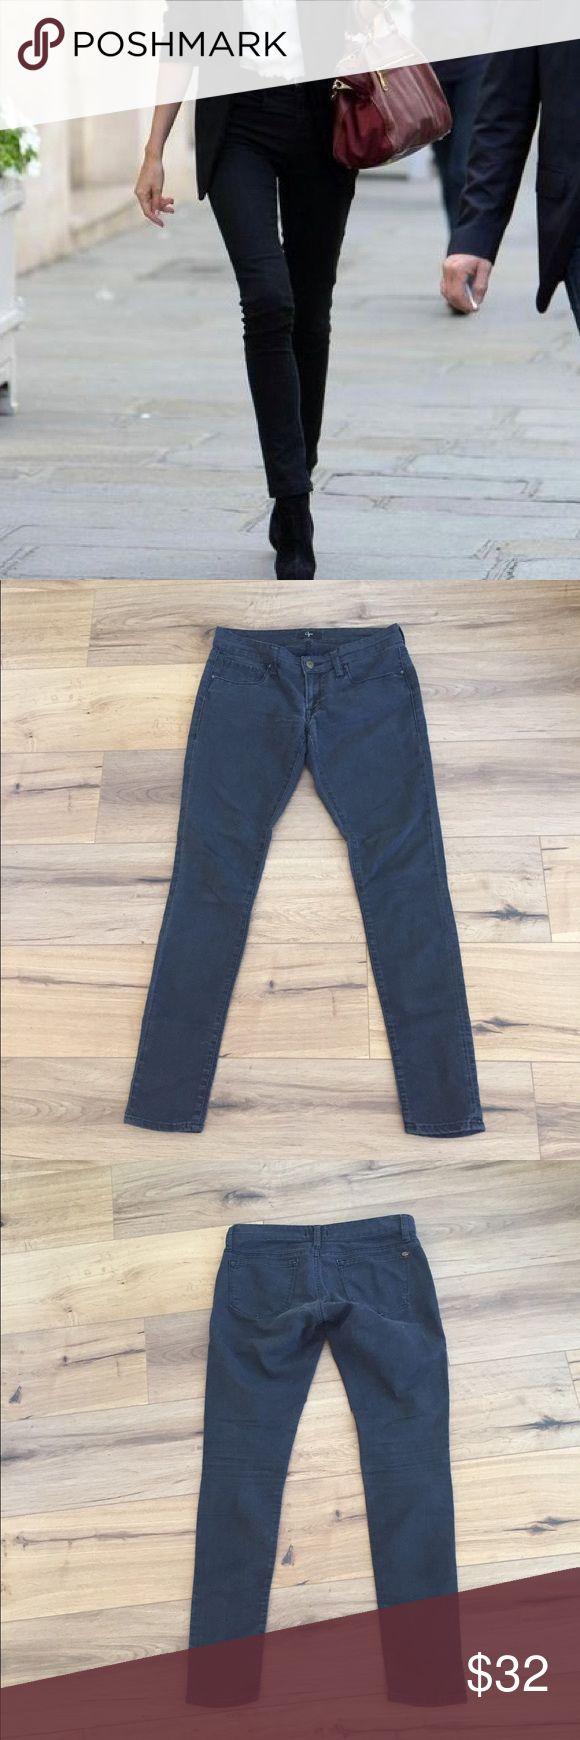 """{Bloomingdales} Aqua """"Blair"""" skinny jeans These beautiful black wash skinny jeans. 32 inseam Aqua Jeans Skinny"""